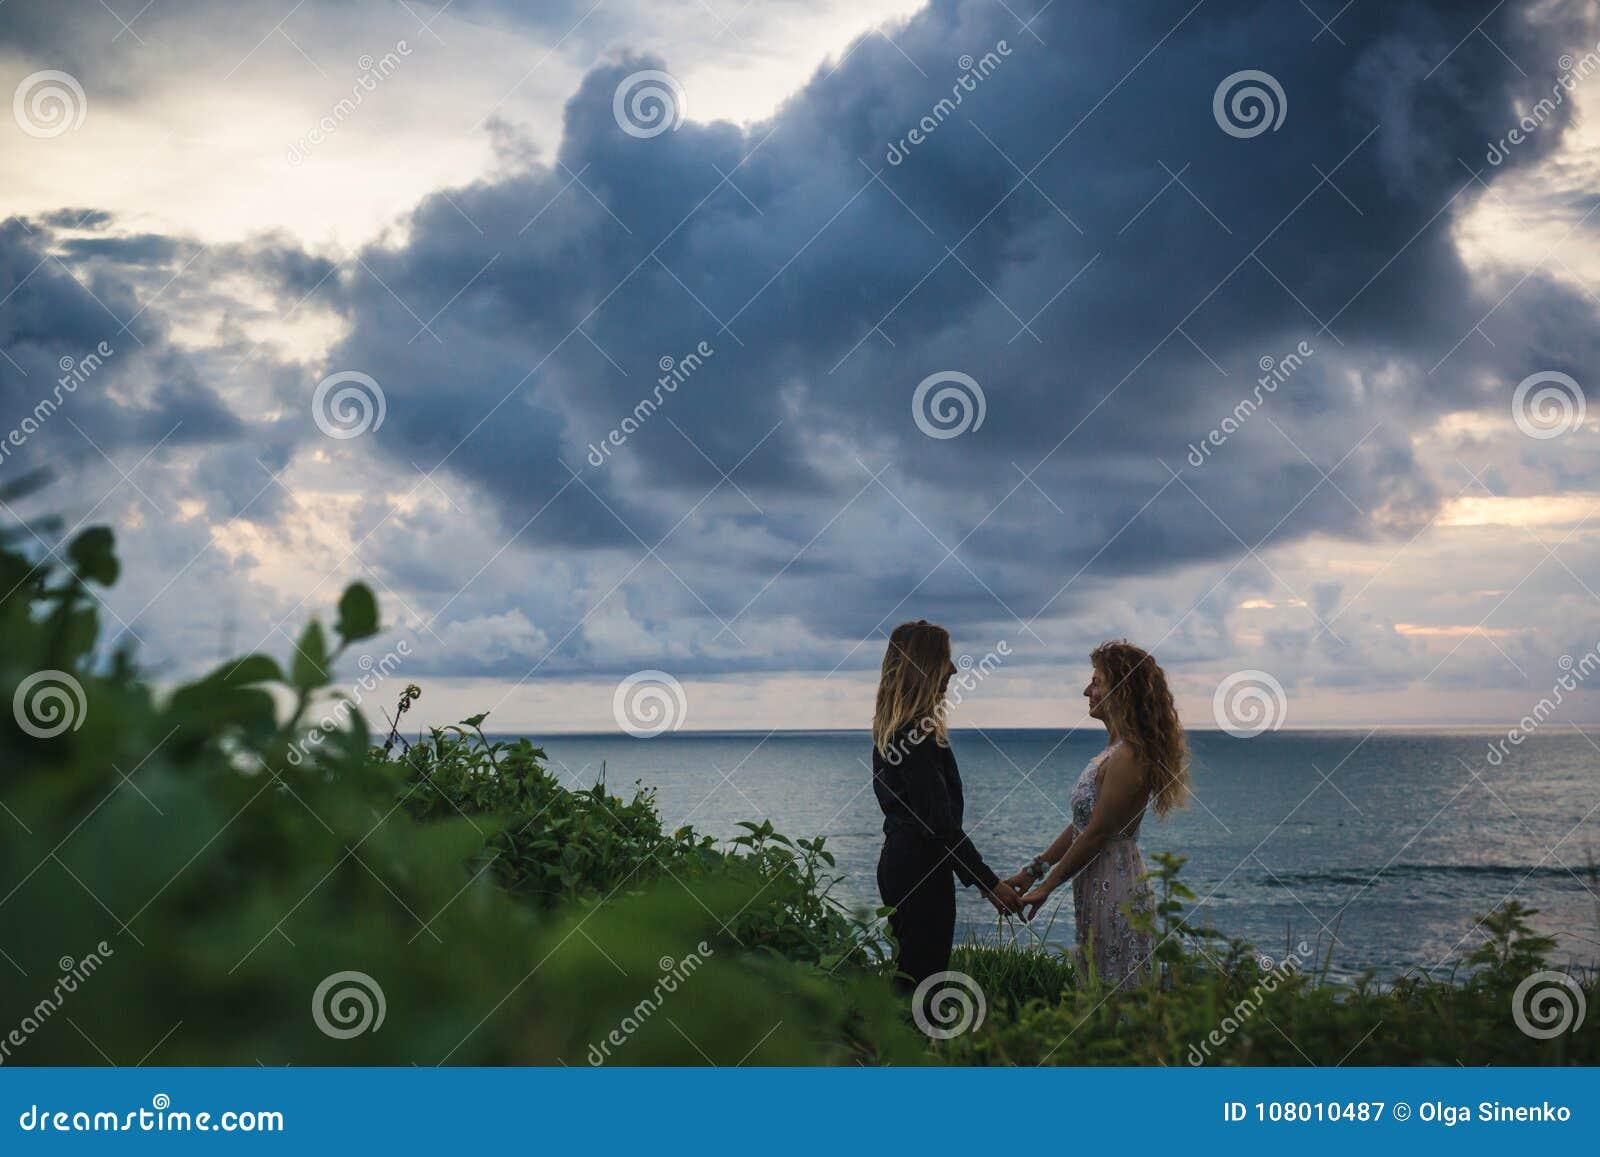 Casamento lovestory, apenas casal perto do oceano no por do sol